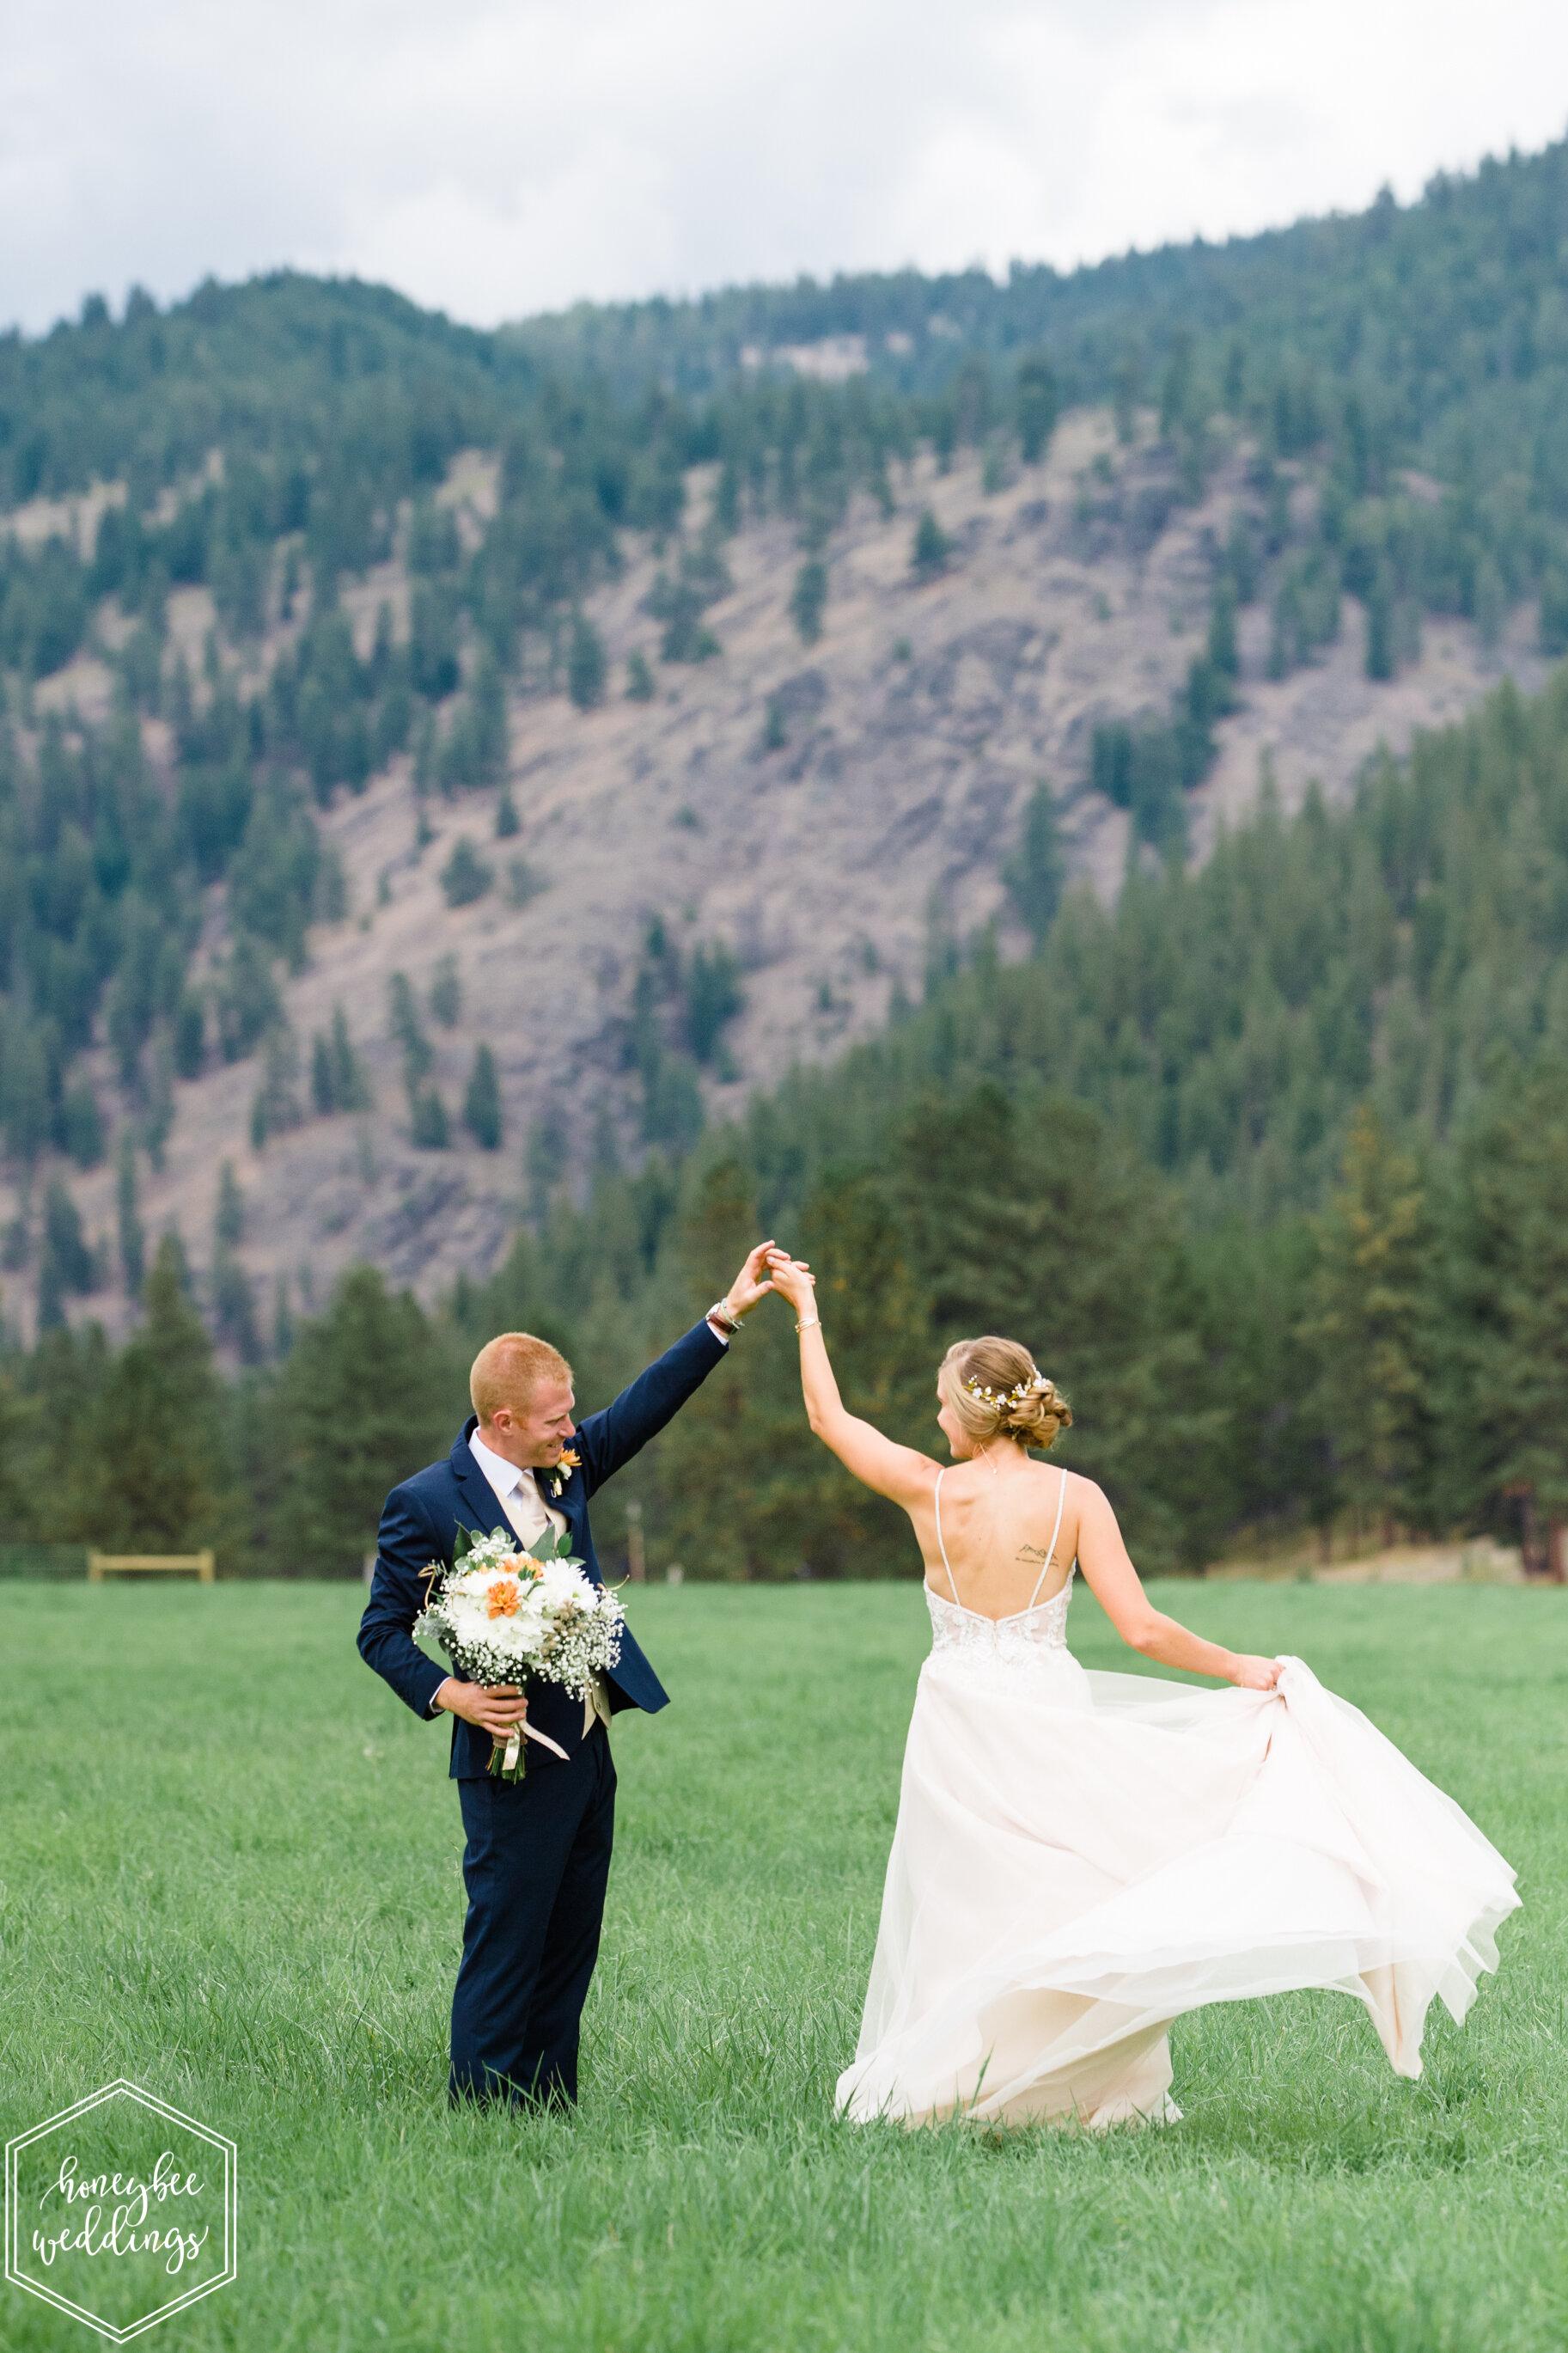 018Seven Mile Meadows Wedding_Montana Wedding Photographer_Jamie & Wes_Honeybee Weddings_September 07, 2019-1879-Edit.jpg